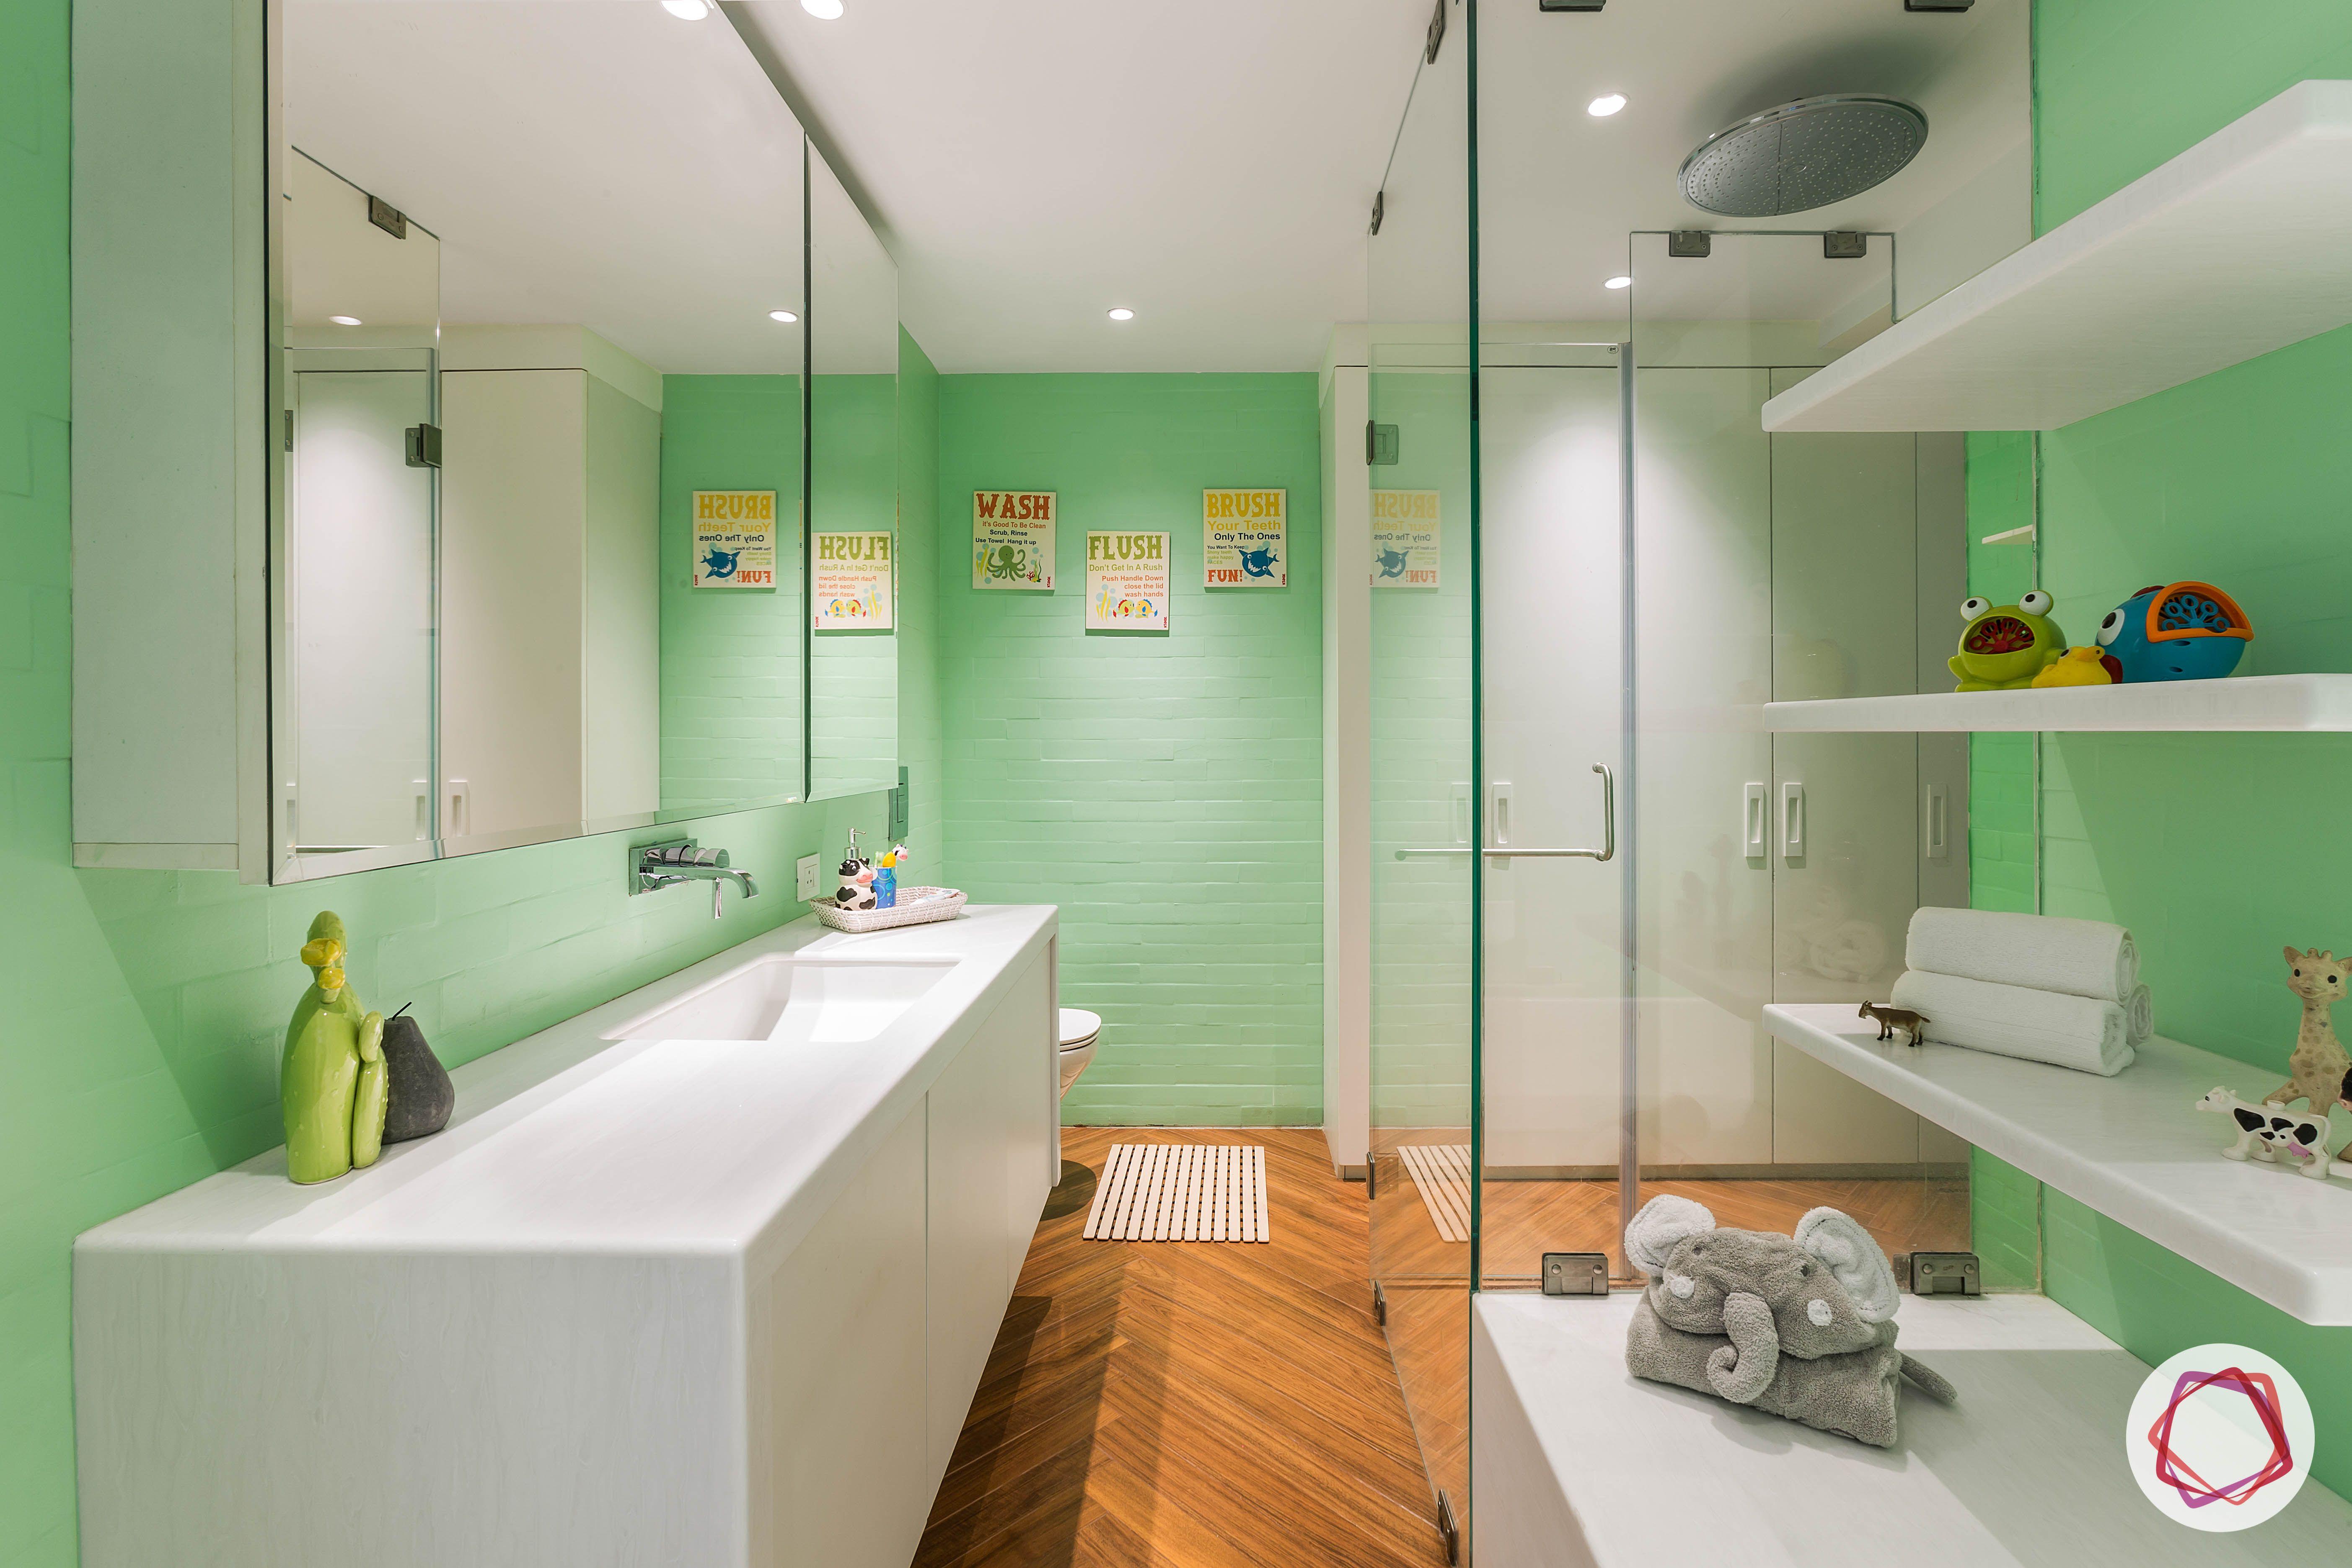 condo-interior-design-green bathroom-walls-kids